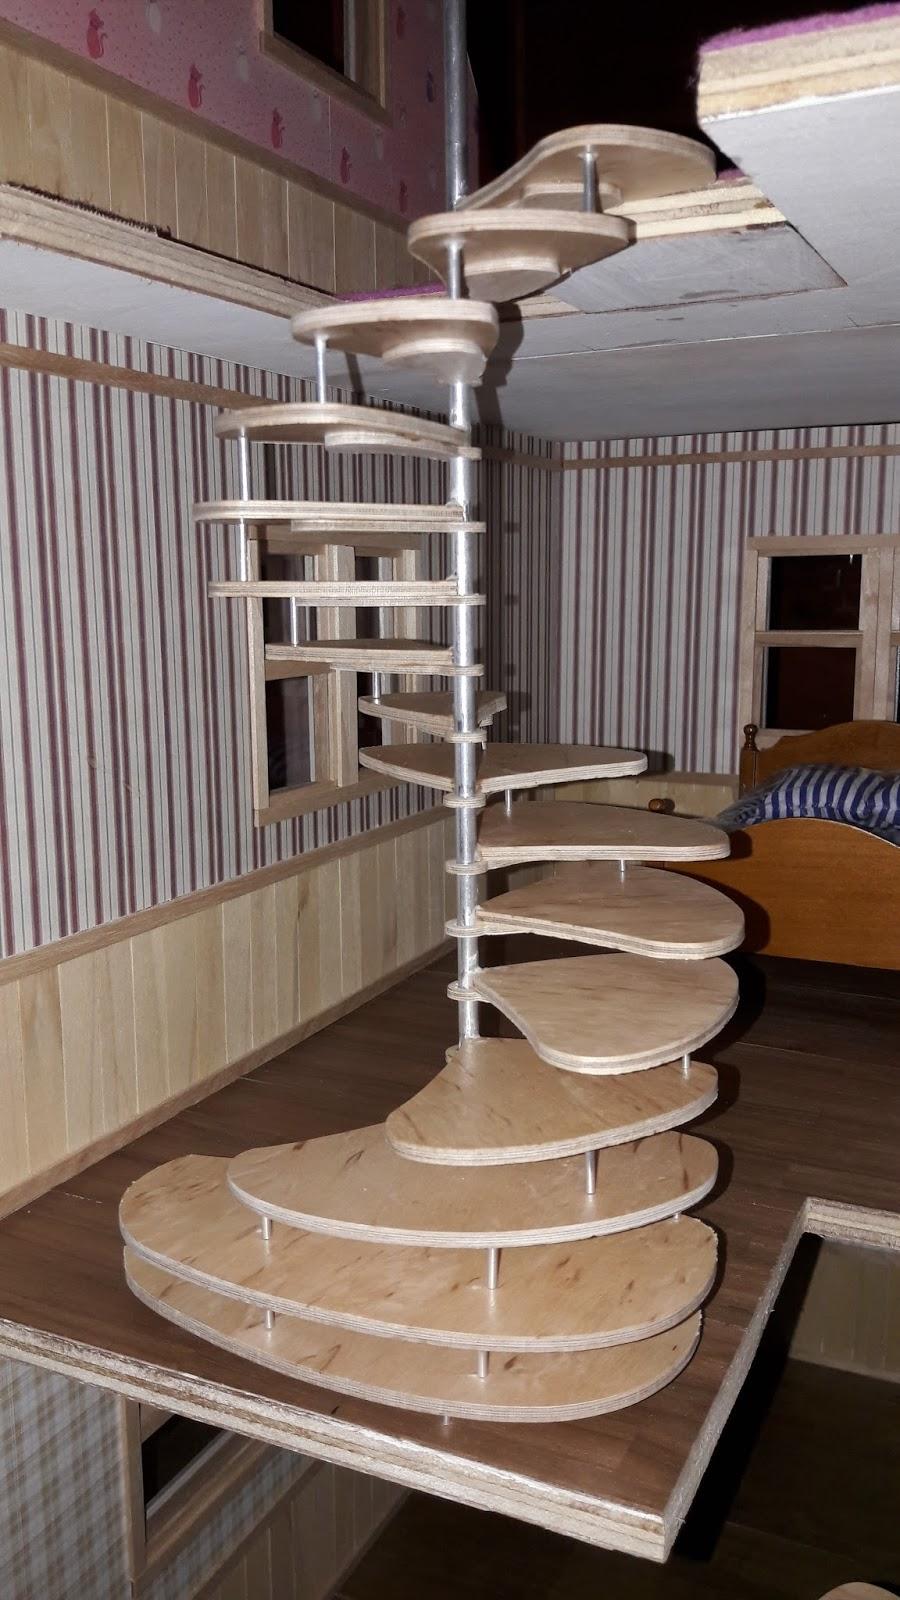 construction de ma maison de poupee de style nord americain la mont e des marches 2 me phase. Black Bedroom Furniture Sets. Home Design Ideas